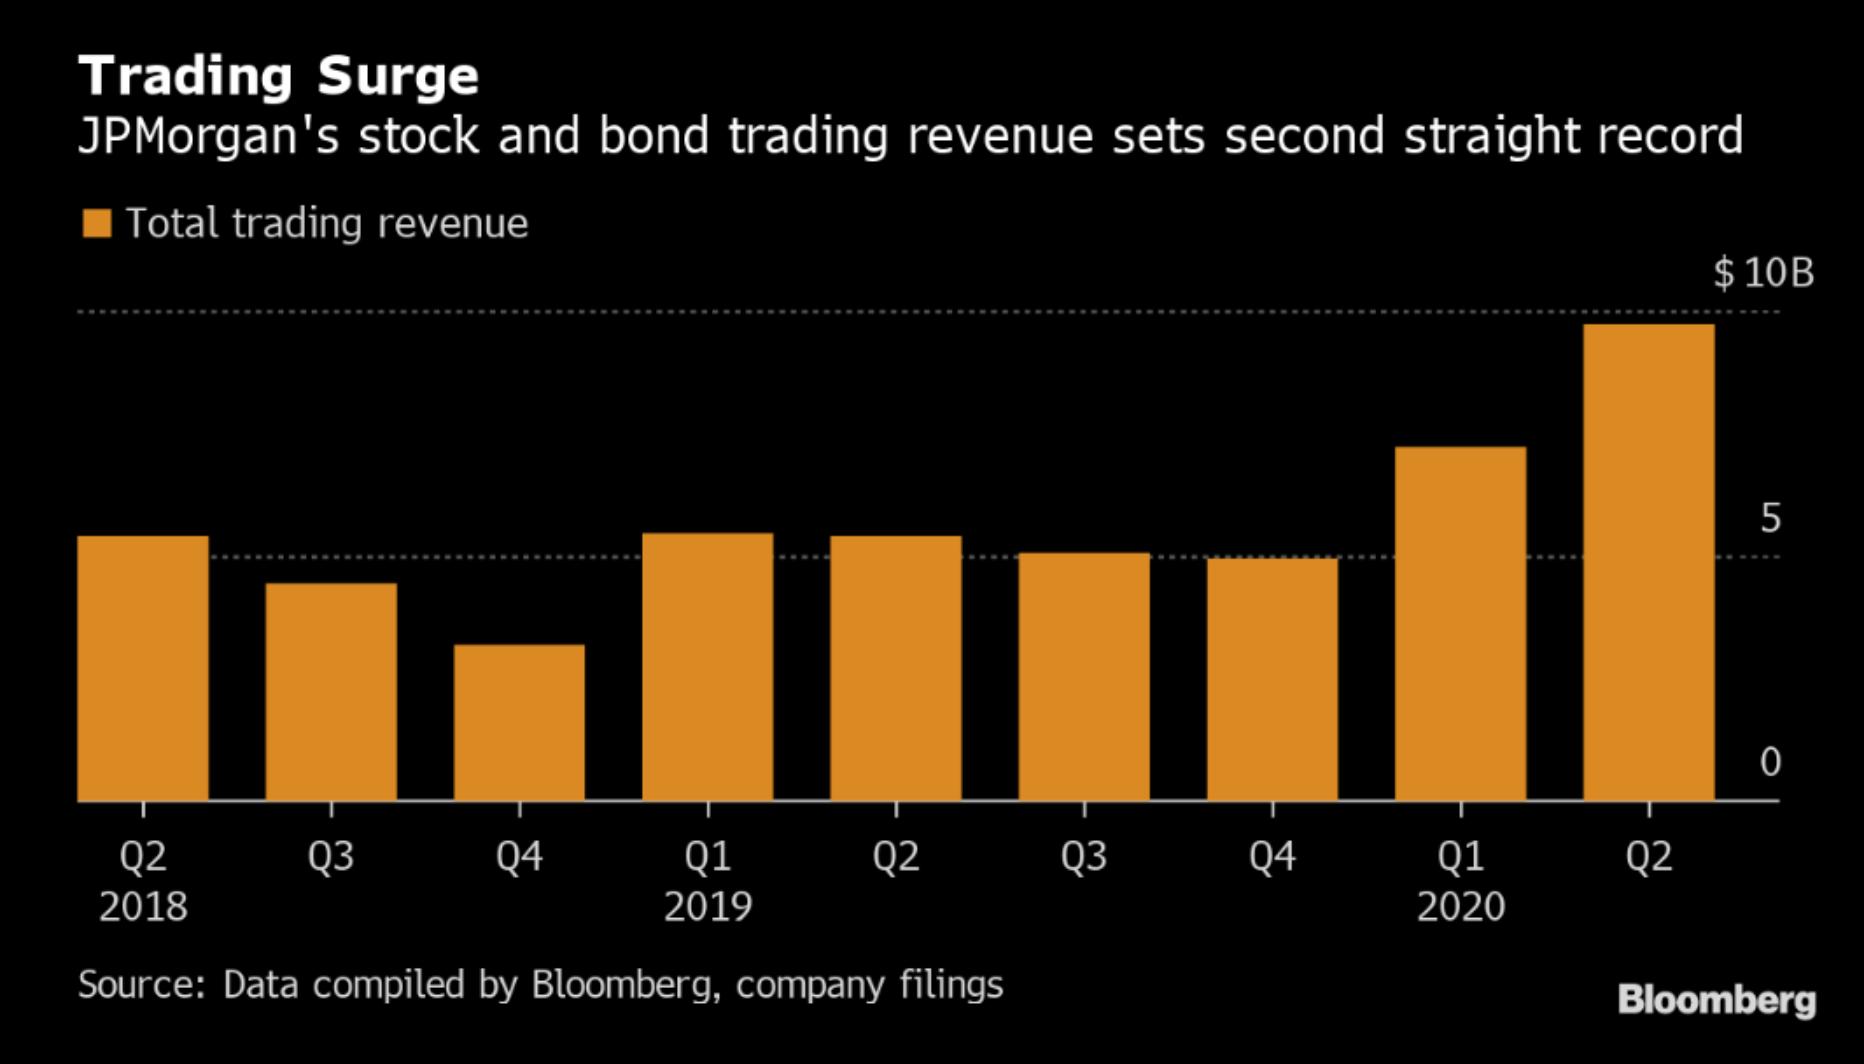 Výnosy JPMorgan Chase z akcií a dluhopisů, respektive FICC, druhé čtvrtletí v řadě dosahují rekordních hodnot, zdroj: Bloomberg